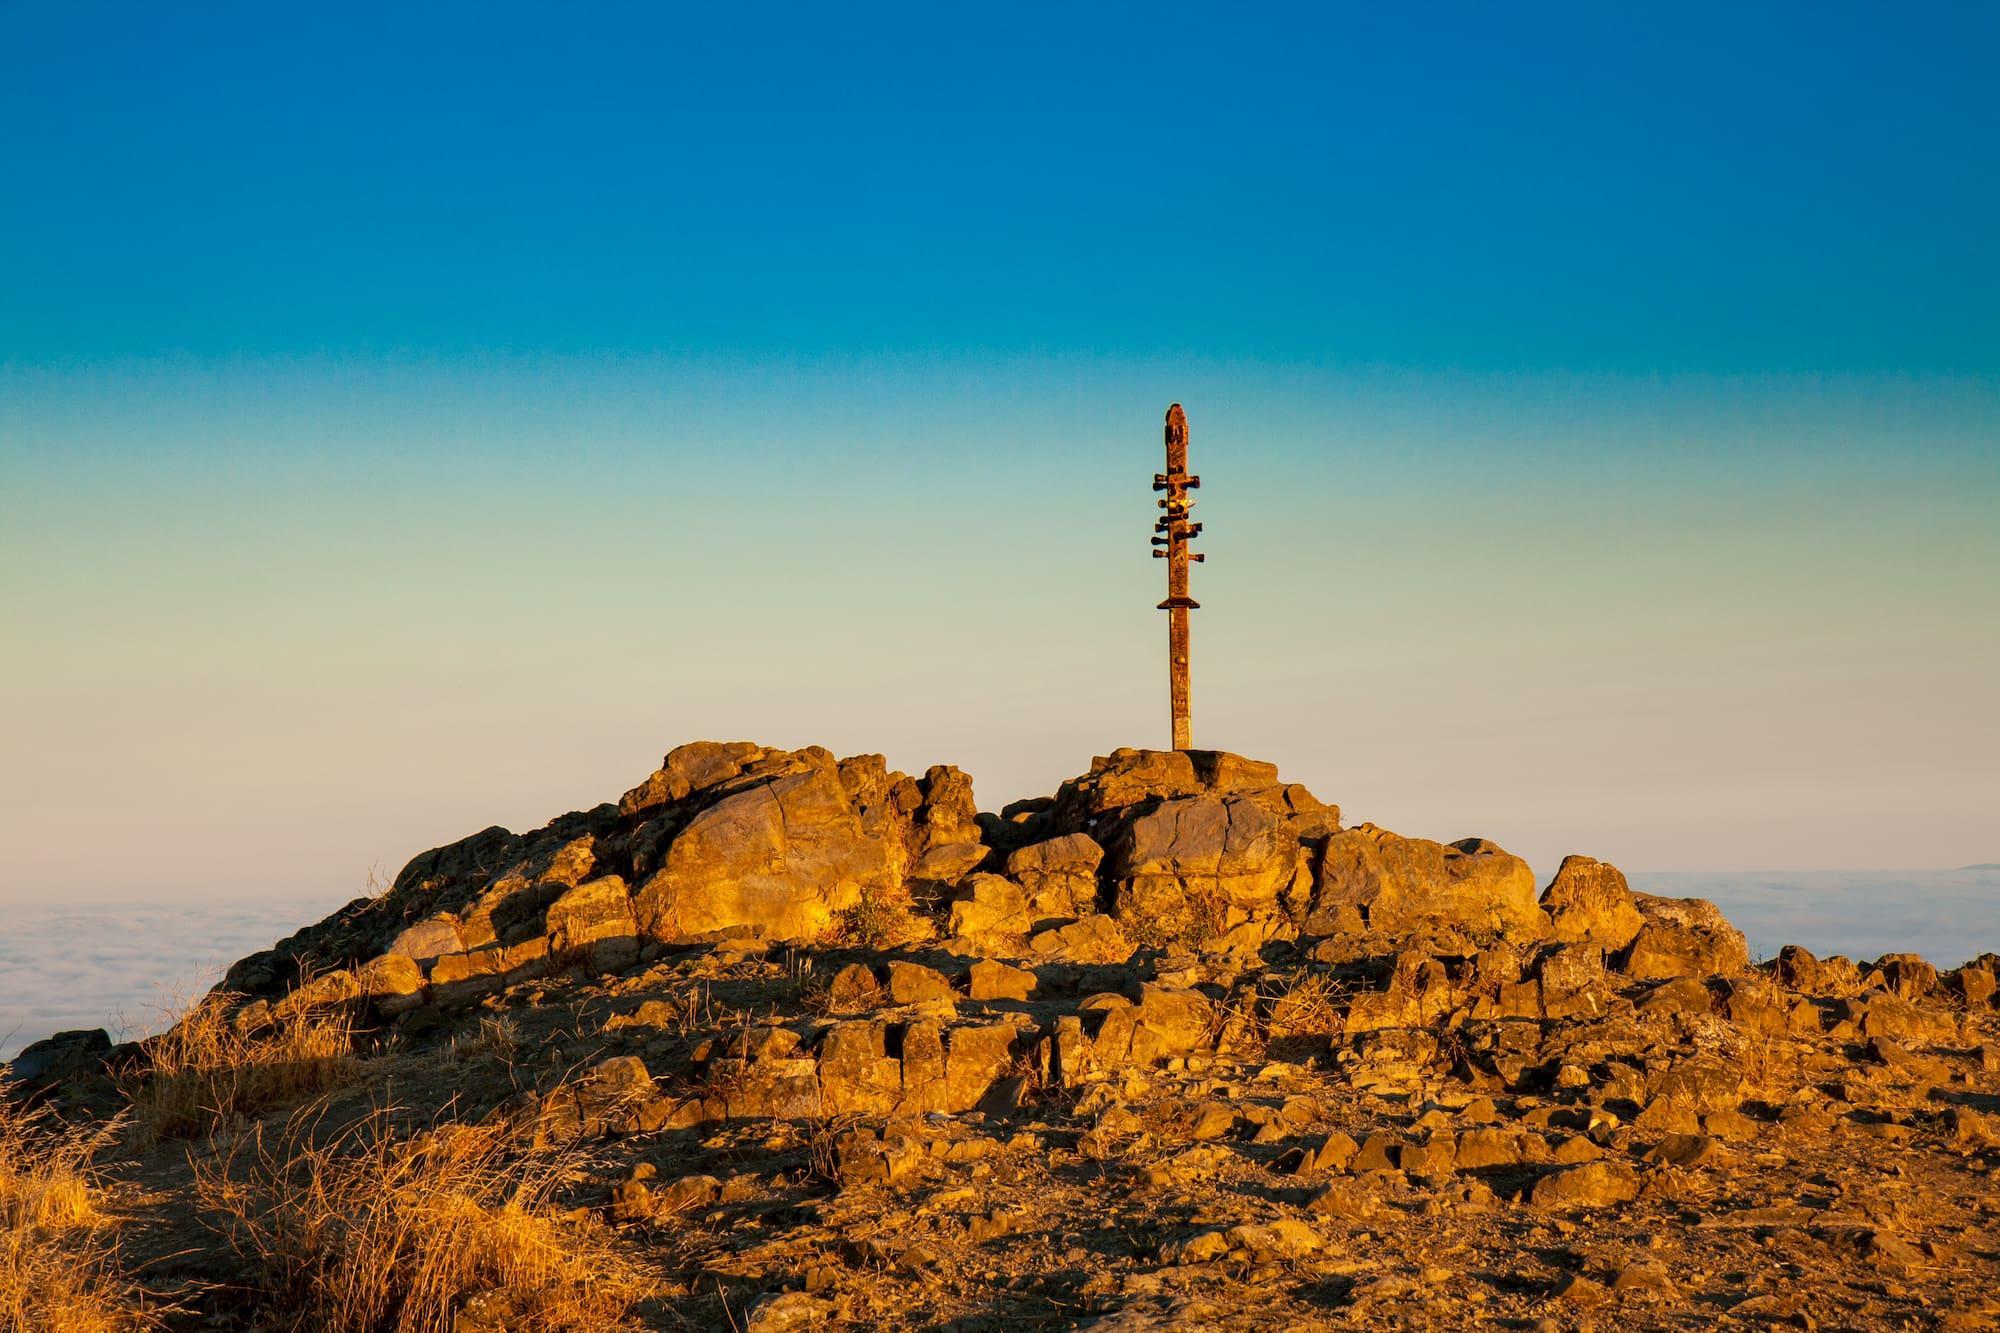 Mission peak during golden hour.